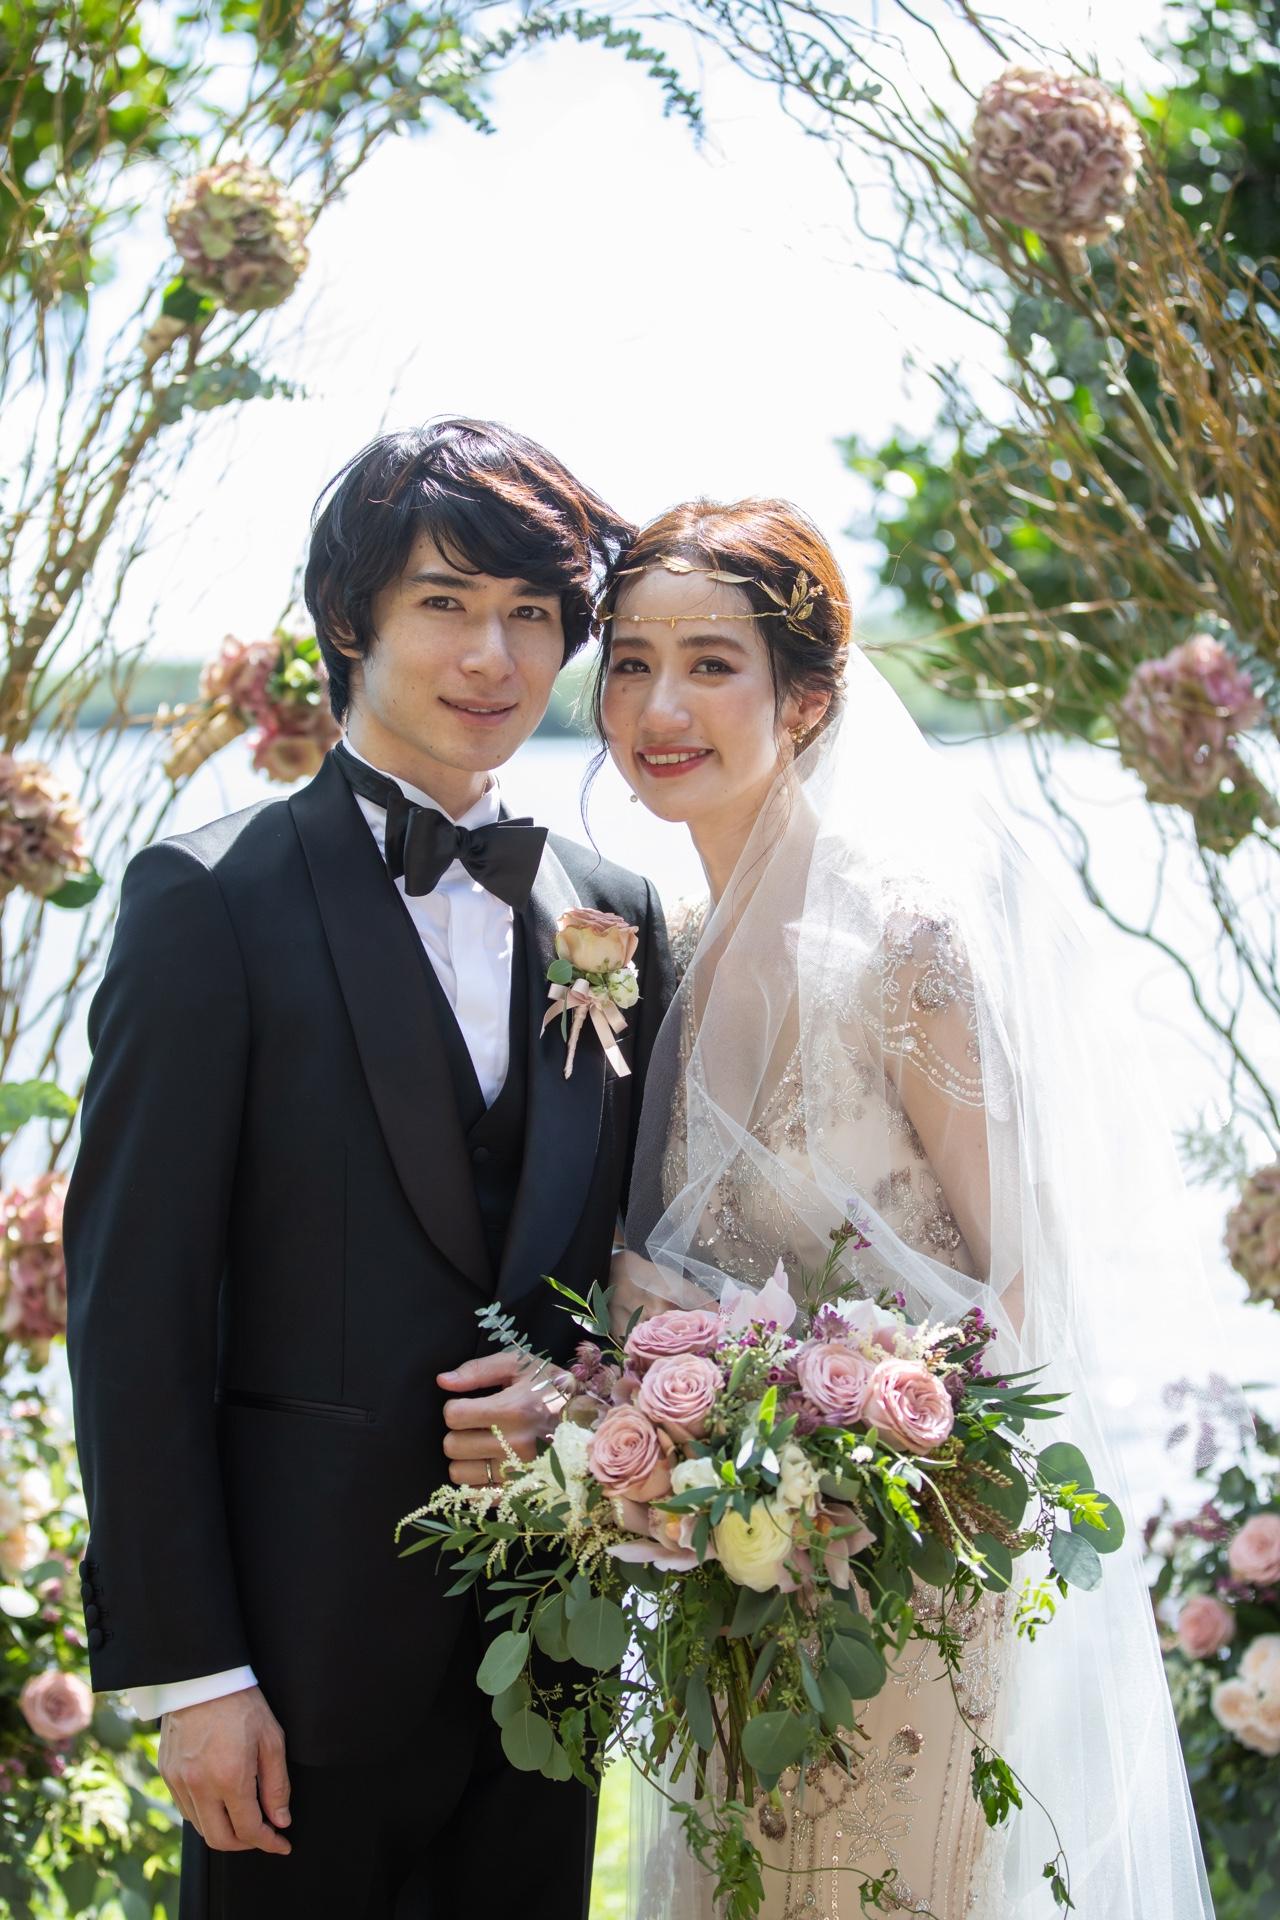 【10月23日(水)】関東で大人気の卒花Saya様とのWEDDING MEETING開催のお知らせ@JUNO恵比寿店